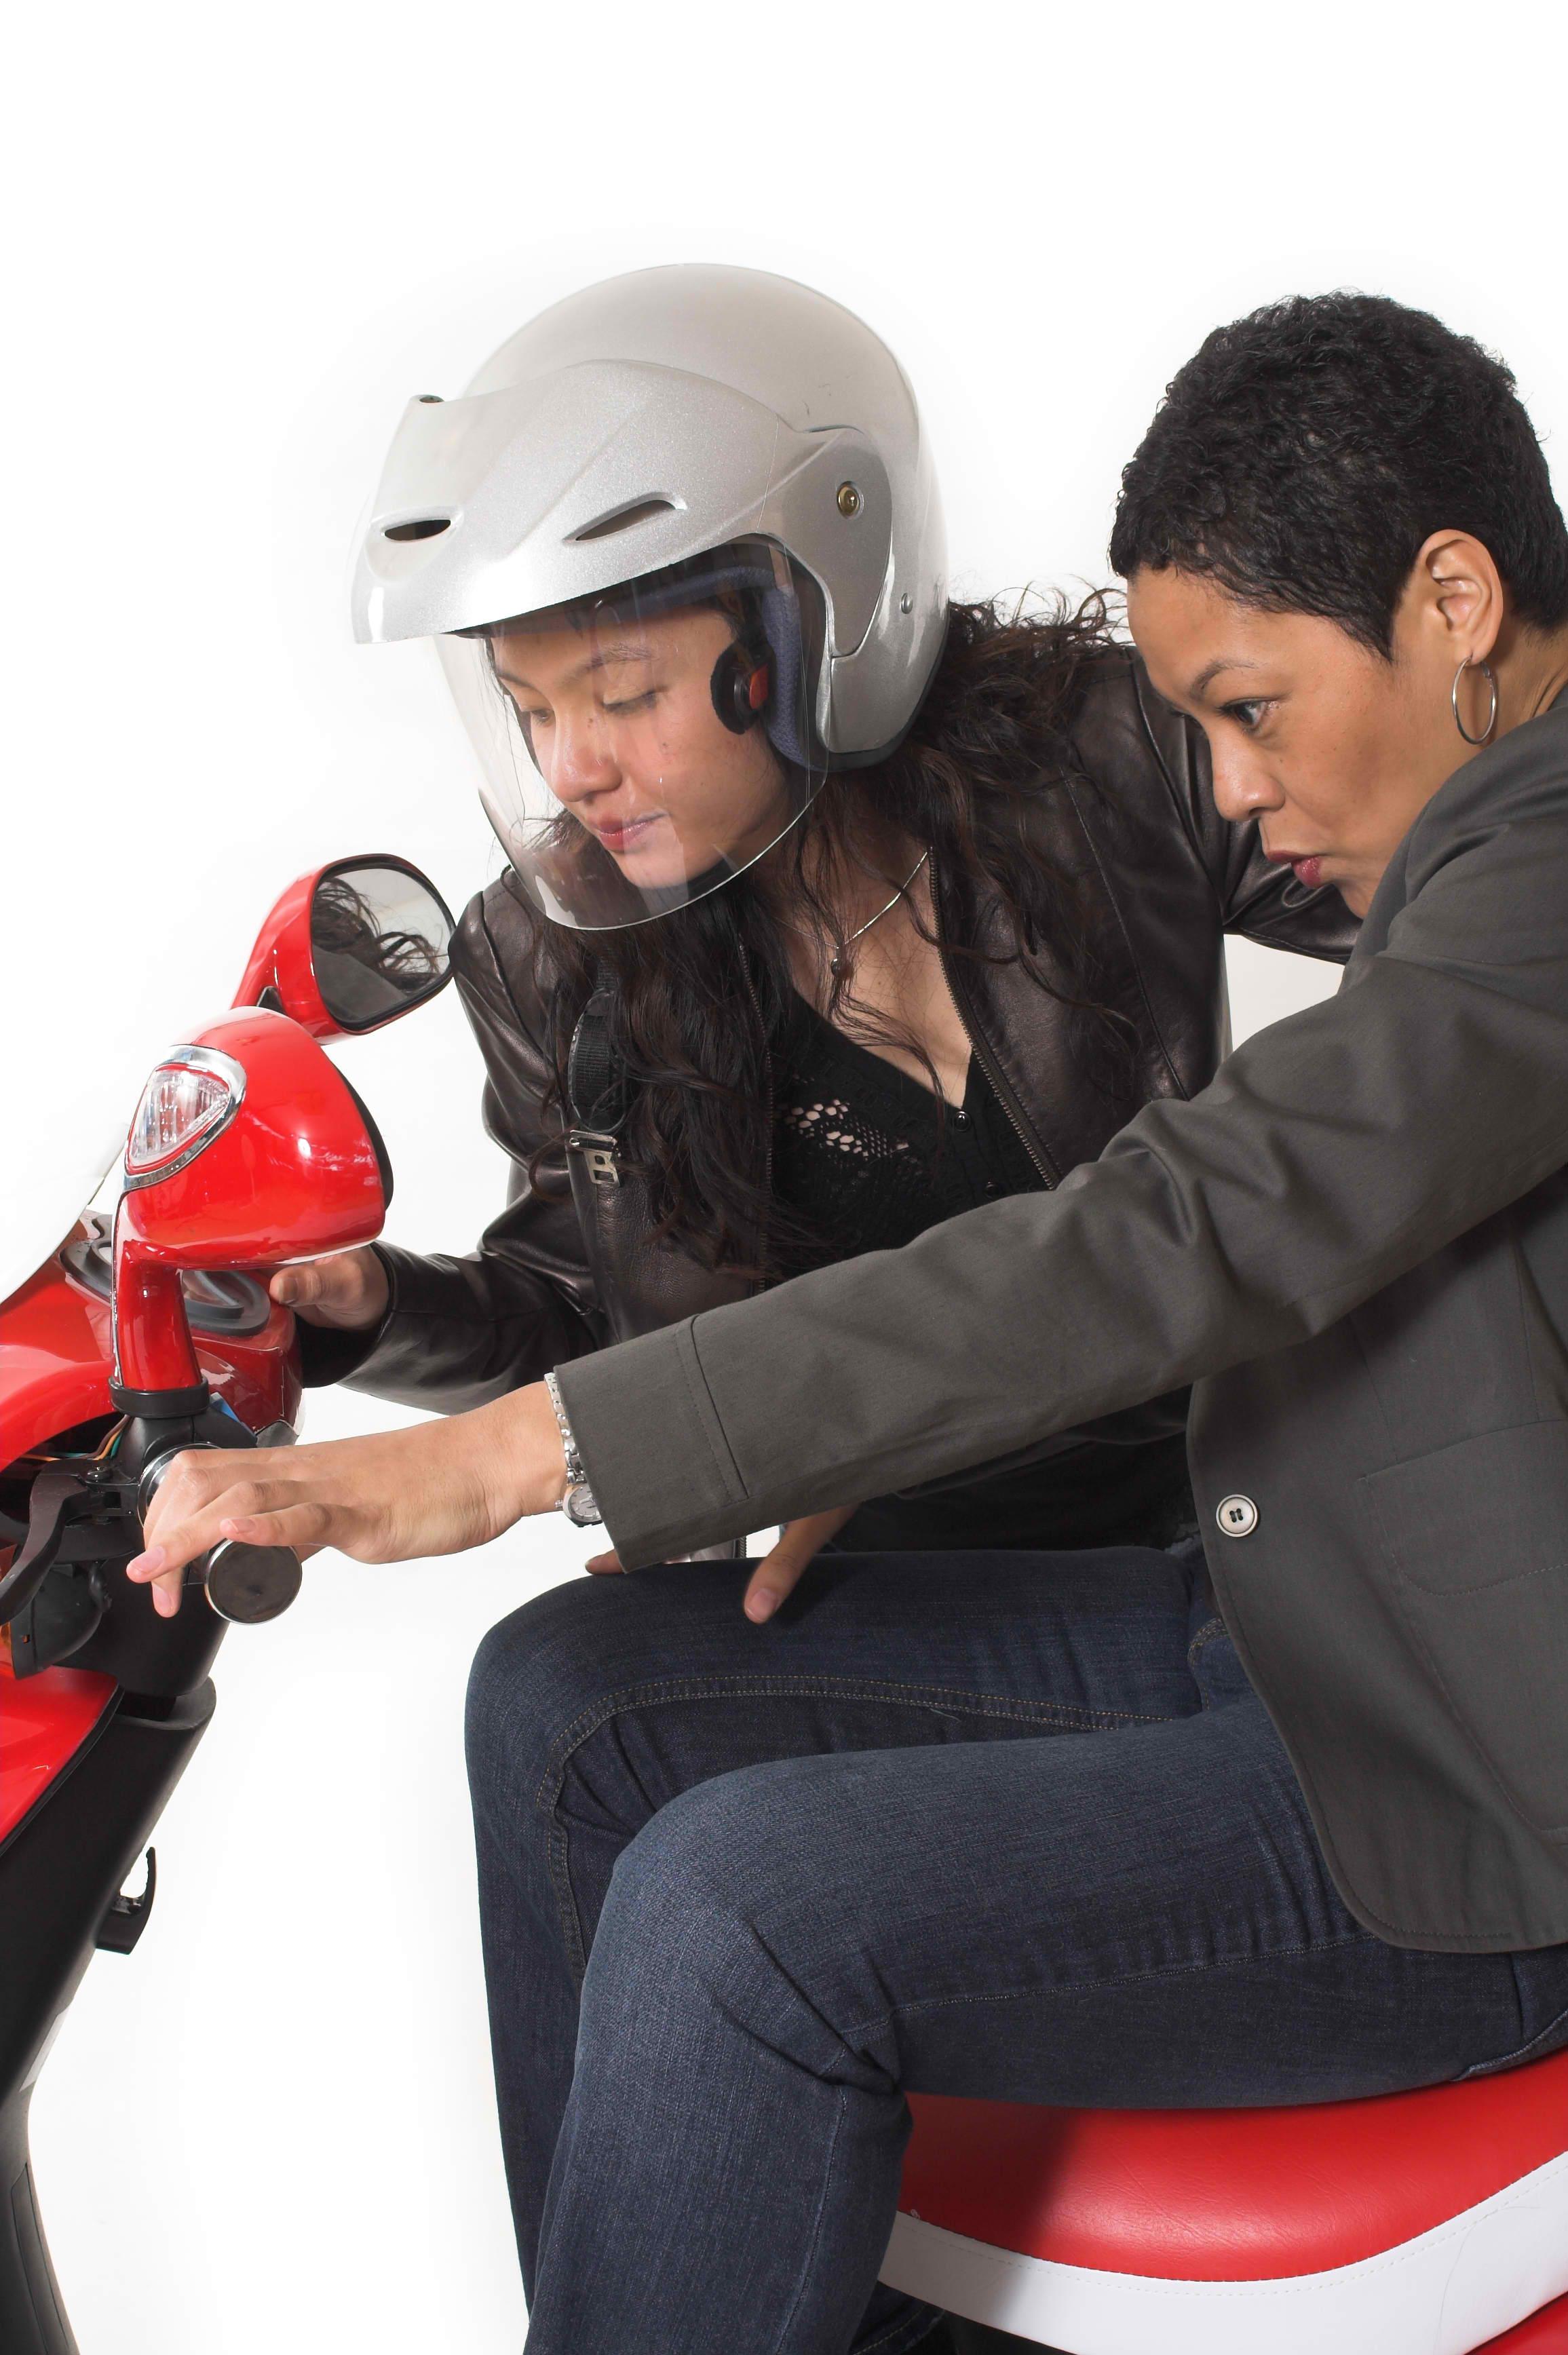 U.S. Motorcycle License Practice Tests